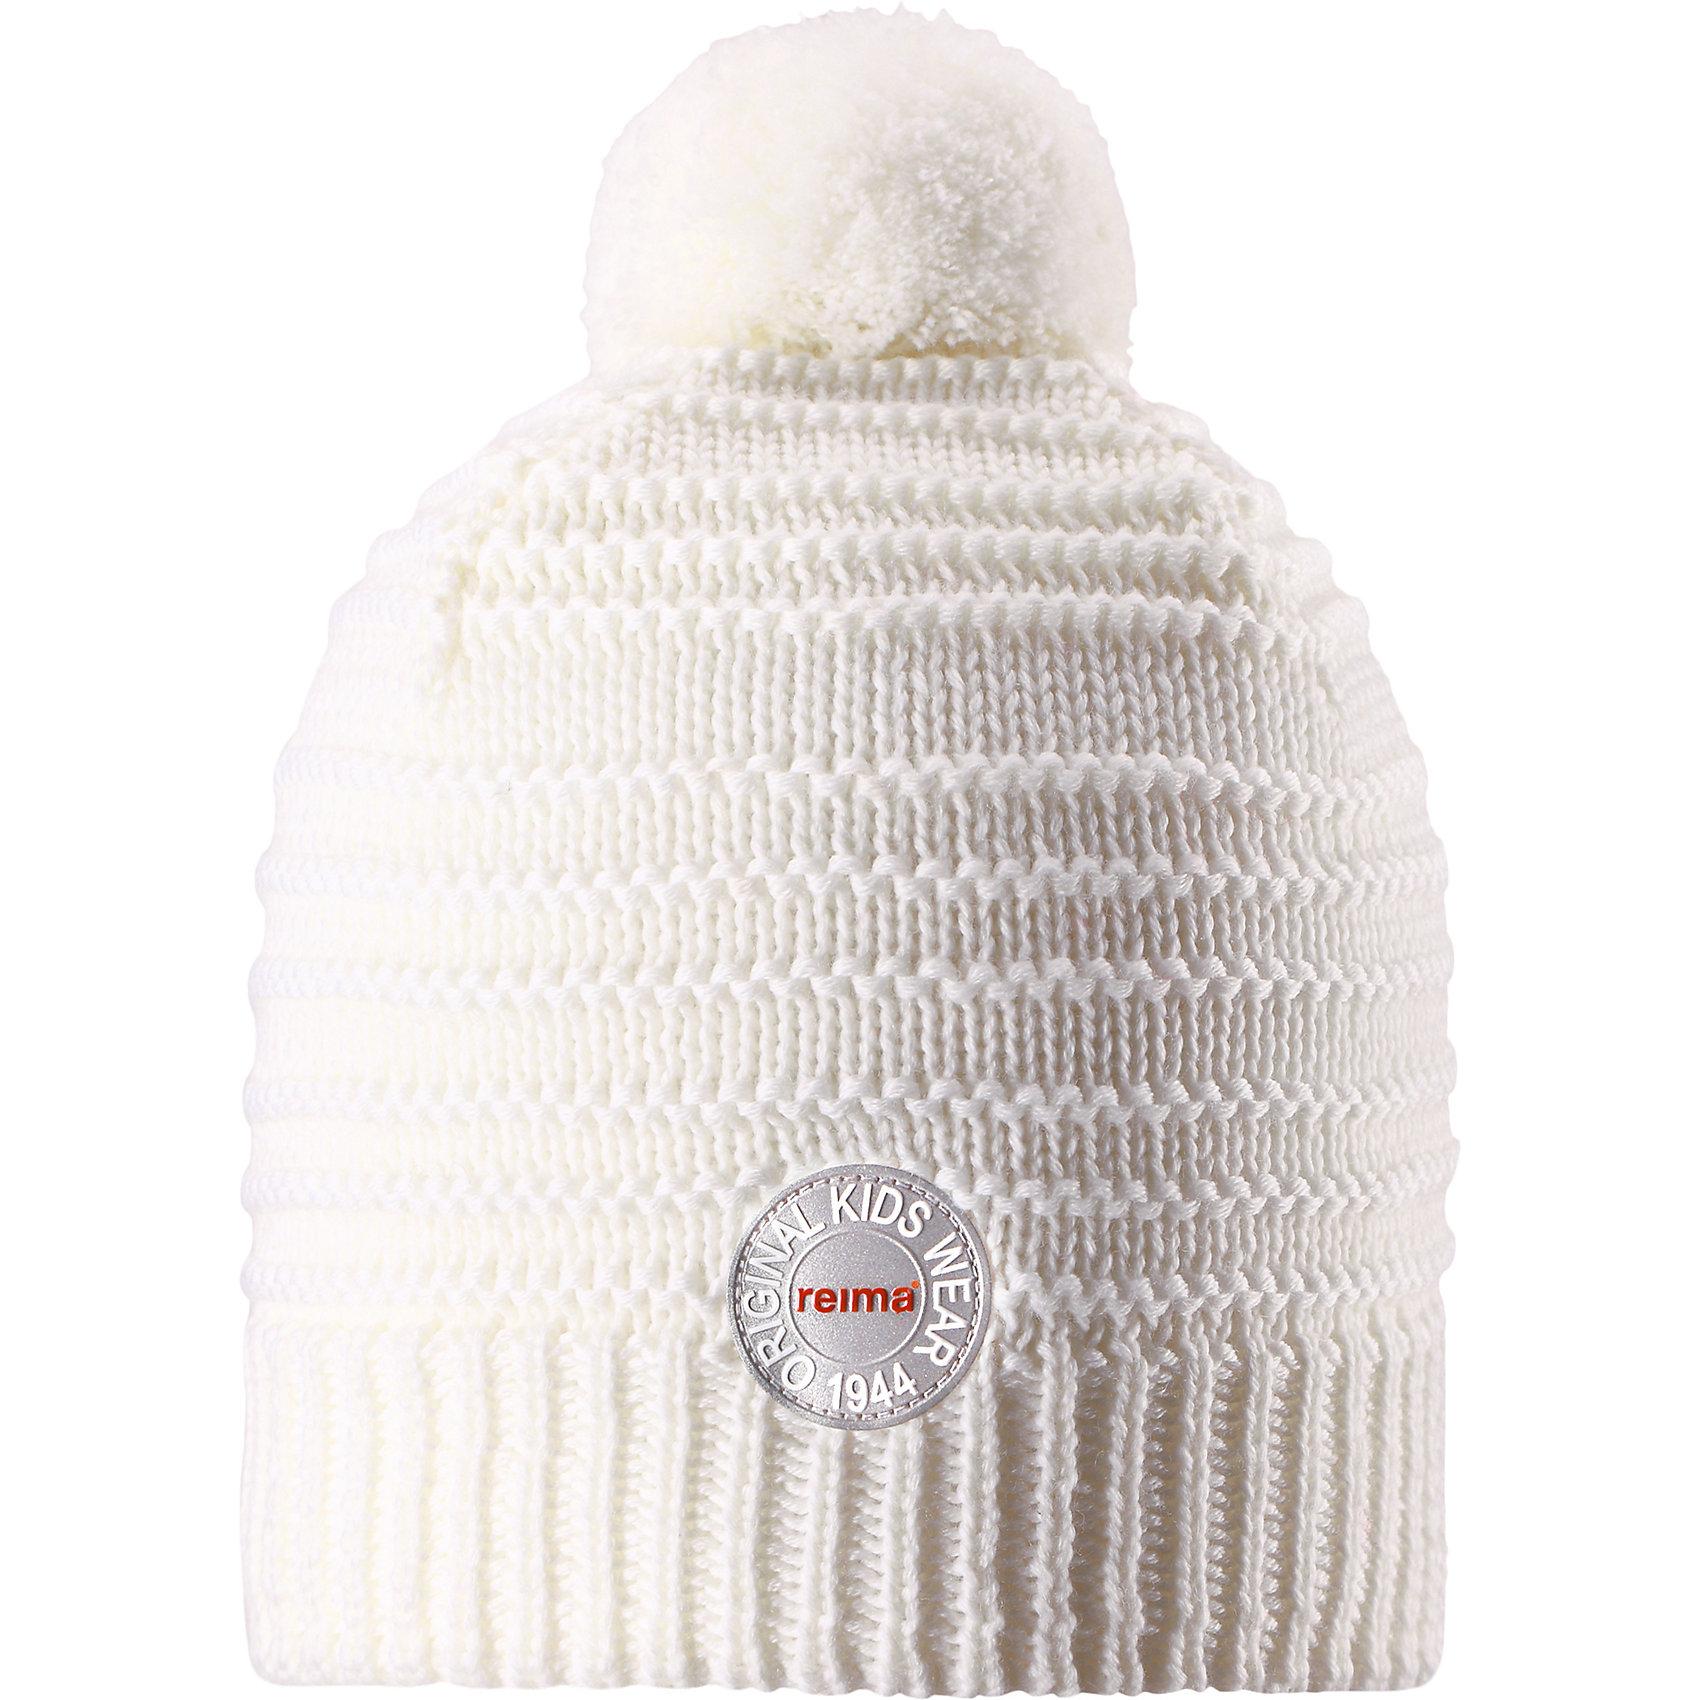 Шапка Reima HurmosГоловные уборы<br>Характеристики товара:<br><br>• цвет: белый;<br>• состав: 100% шерсть;<br>• подкладка: 97% хлопок, 3% эластан;<br>• утеплитель: 40 г/м2;<br>• сезон: зима;<br>• температурный режим: от 0 до -20С;<br>• мягкая ткань из мериносовой шерсти для поддержания идеальной температуры тела;<br>• ветронепроницаемые вставки в области ушей;<br>• сплошная подкладка: мягкий теплый флис;<br>• шапка с помпоном;<br>• логотип Reima® сзади;<br>• страна бренда: Финляндия;<br>• страна изготовитель: Китай.<br><br>Шапка для малышей и детей постарше изготовлена из дышащей и теплой мериносовой шерсти. Мягкая флисовая подкладка гарантирует тепло, а ветронепроницаемые вставки между верхним слоем и подкладкой защищают уши. Помпон на макушке.<br><br>Шапку Hurmos Reima от финского бренда Reima (Рейма) можно купить в нашем интернет-магазине.<br><br>Ширина мм: 89<br>Глубина мм: 117<br>Высота мм: 44<br>Вес г: 155<br>Цвет: белый<br>Возраст от месяцев: 84<br>Возраст до месяцев: 144<br>Пол: Унисекс<br>Возраст: Детский<br>Размер: 56,50,52,54<br>SKU: 6902671